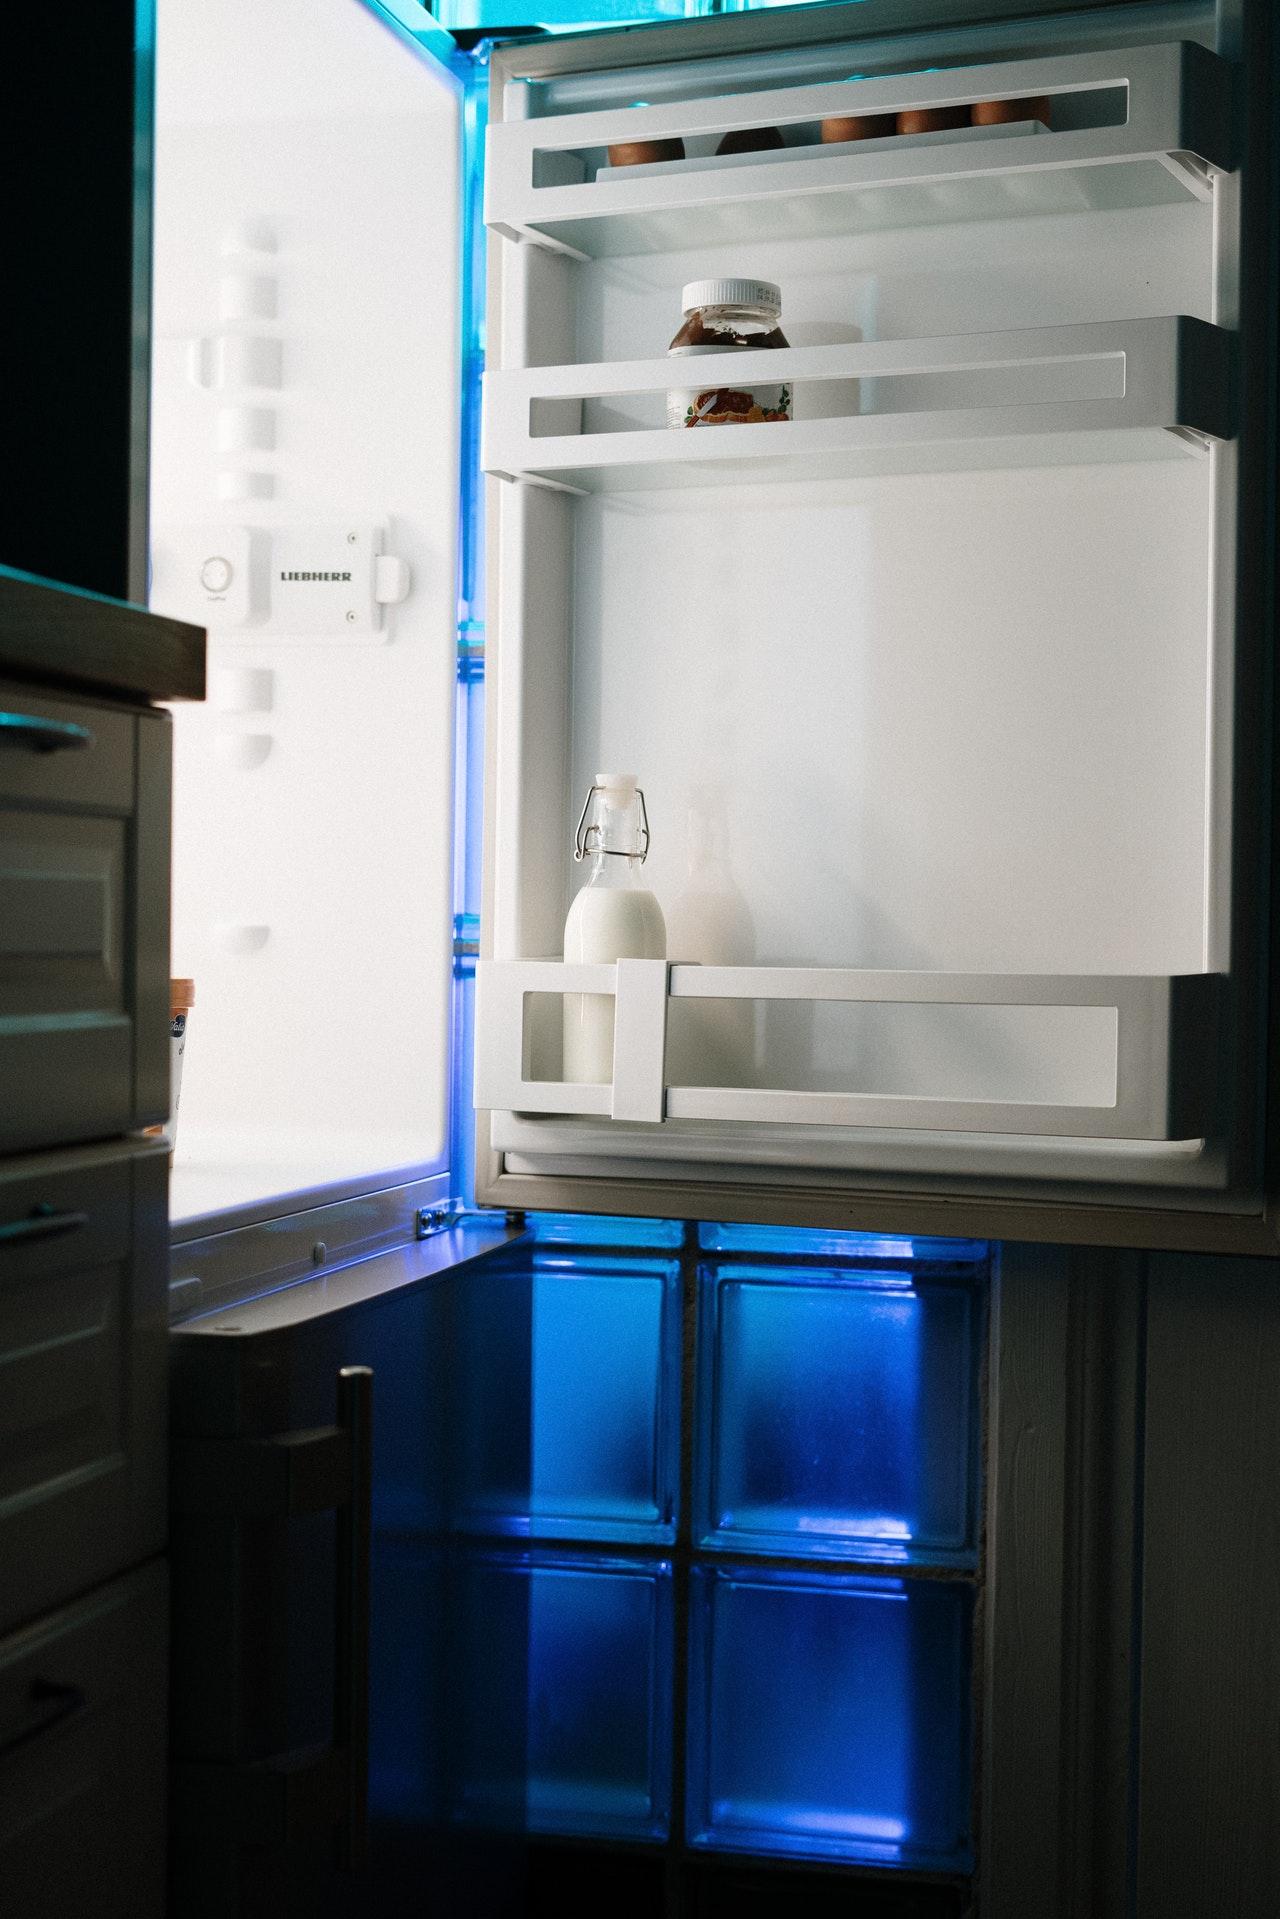 Egal ob analog oder digital, ein gutes Kühlschrankthermometer ist wichtig.